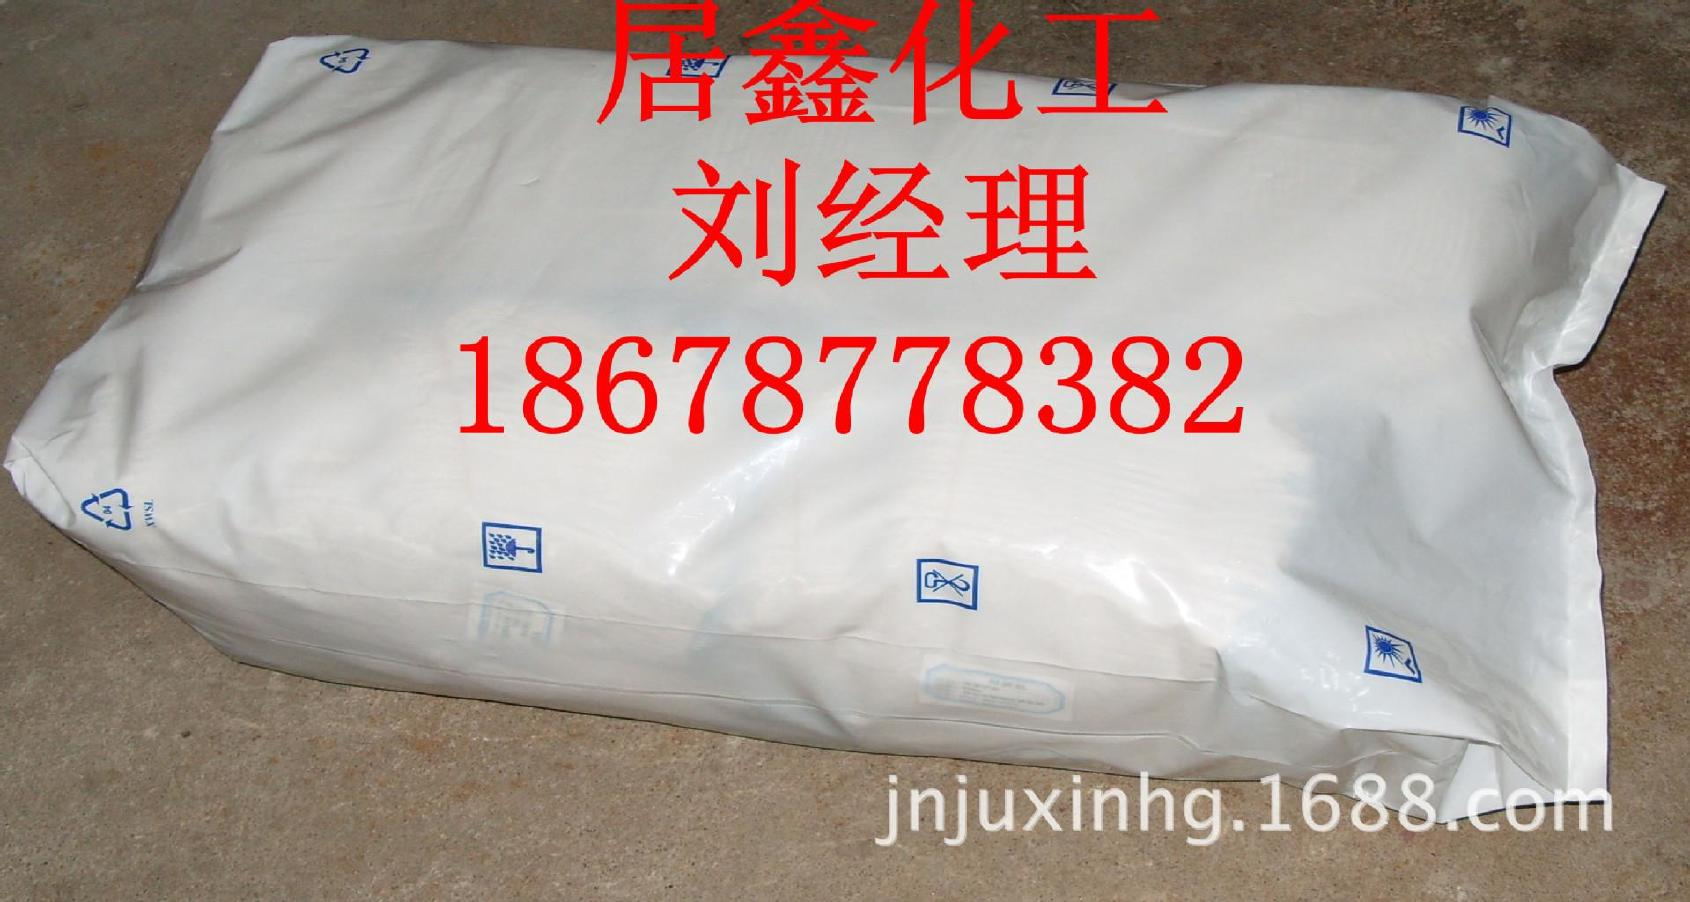 供应巴西棕榈蜡厂家直销巴西棕榈蜡现货供应巴西棕榈蜡价格